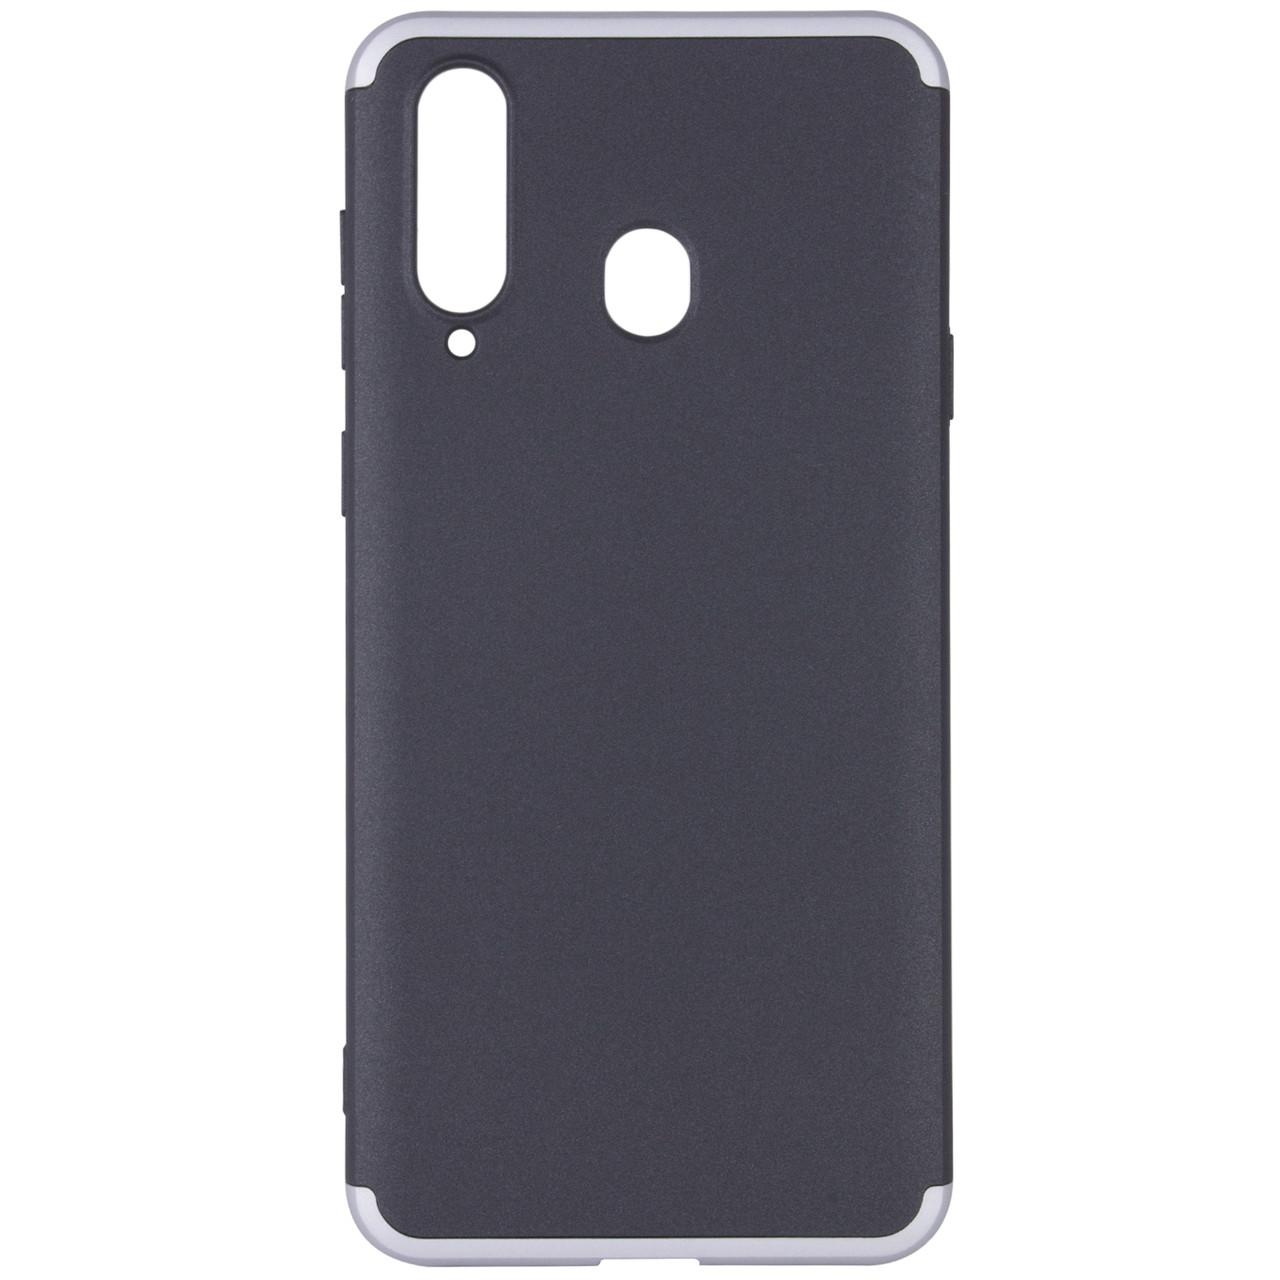 Пластиковая накладка GKK LikGus 360 градусов для Samsung Galaxy A8s Черный